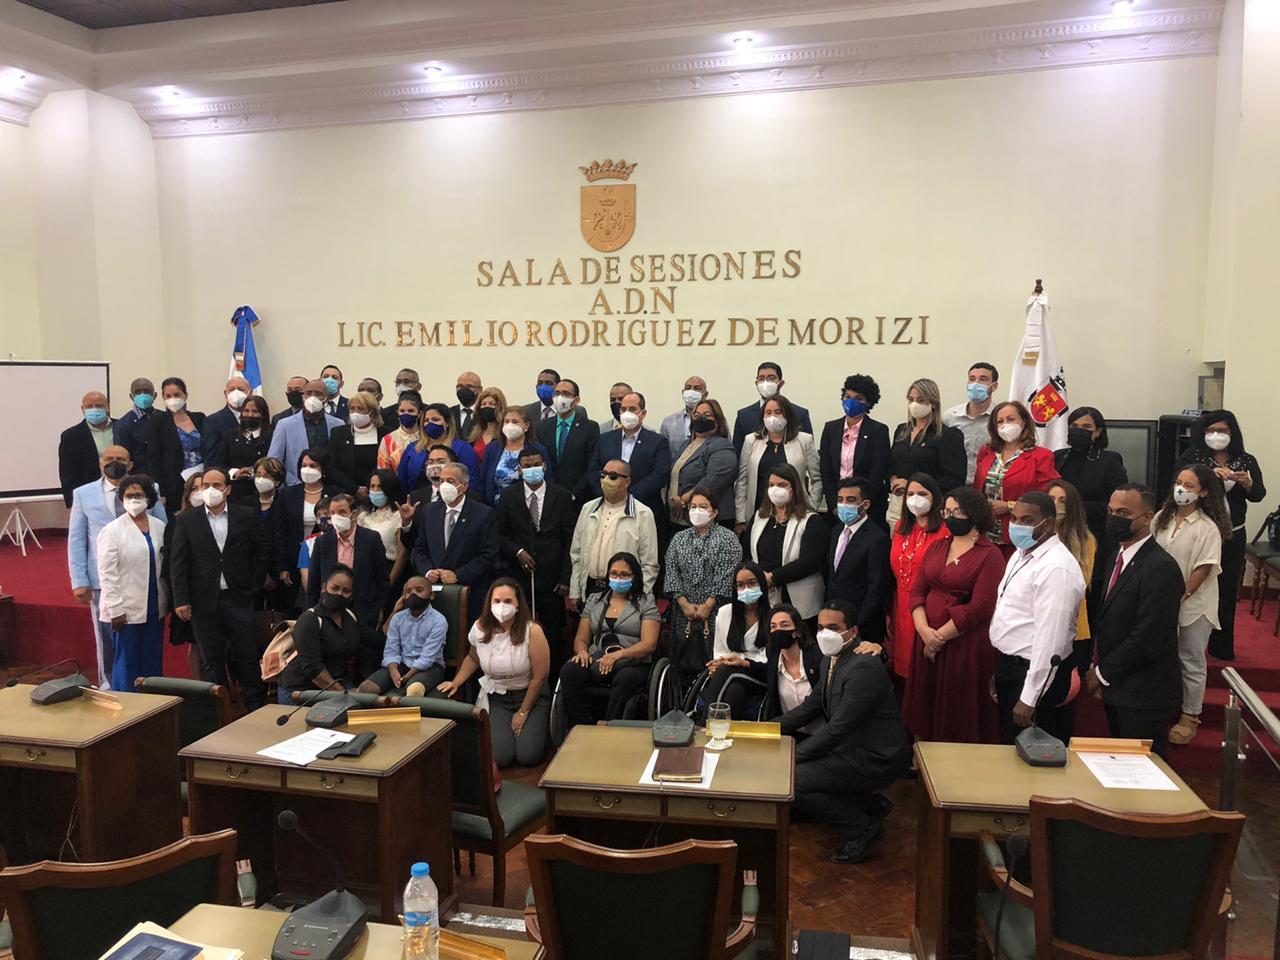 La Ordenanza crea la Comisión Municipal de Inclusión, como órgano institucional que tendrá como función plantear la implementación de nuevas políticas de inclusión y accesibilidad para personas con discapacidad en el ámbito del Distrito Nacional.